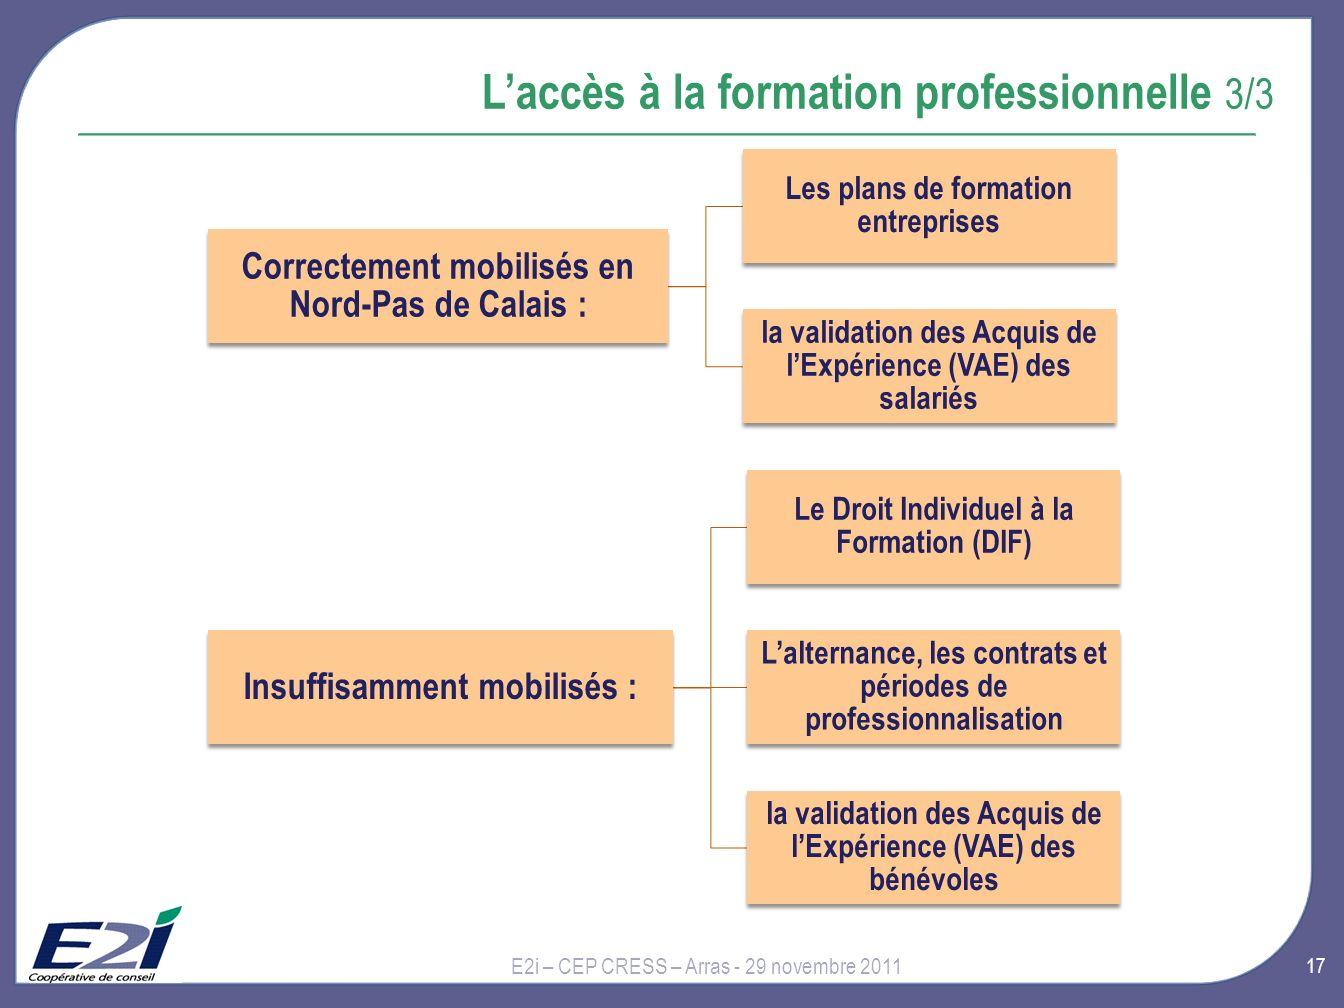 17 Laccès à la formation professionnelle 3/3 E2i – CEP CRESS – Arras - 29 novembre 2011 Correctement mobilisés en Nord-Pas de Calais : Les plans de formation entreprises la validation des Acquis de lExpérience (VAE) des salariés Insuffisamment mobilisés : Le Droit Individuel à la Formation (DIF) Lalternance, les contrats et périodes de professionnalisation la validation des Acquis de lExpérience (VAE) des bénévoles